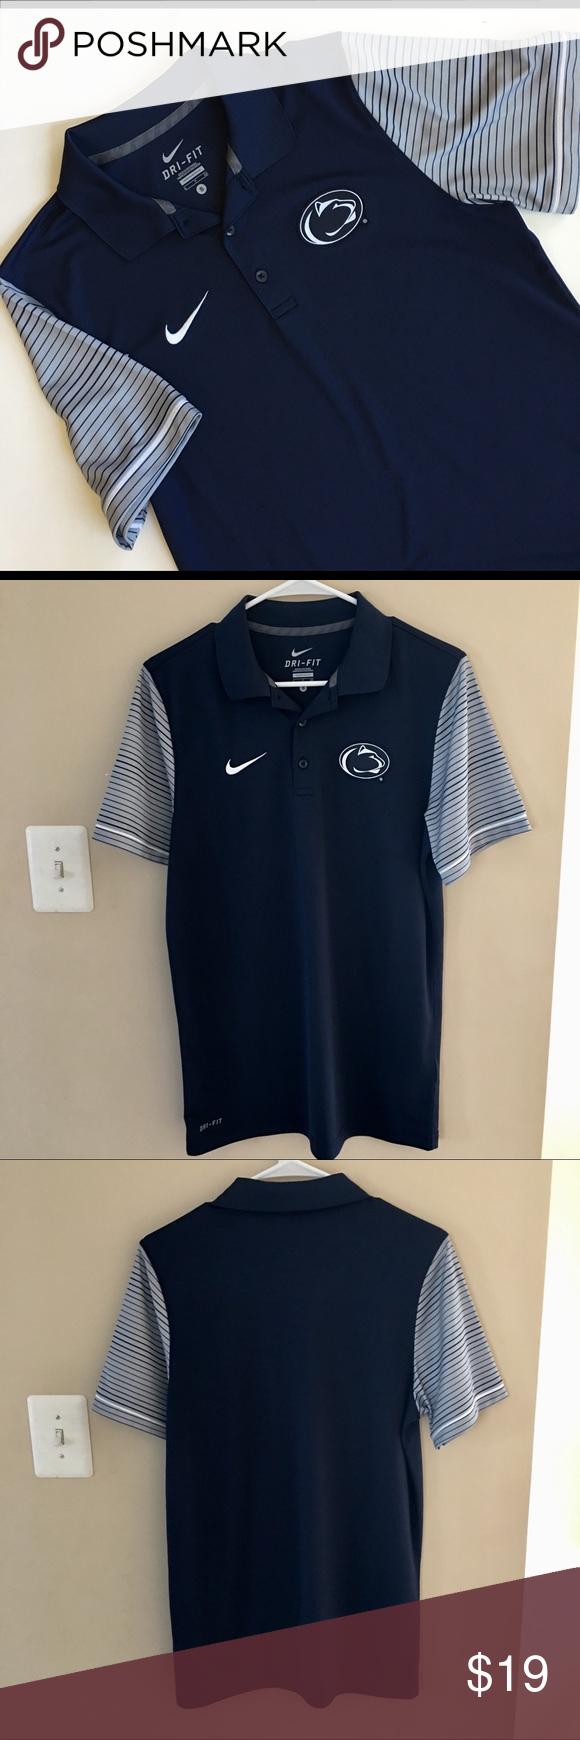 Nike Penn State Polo In 2018 My Posh Picks Pinterest Designer